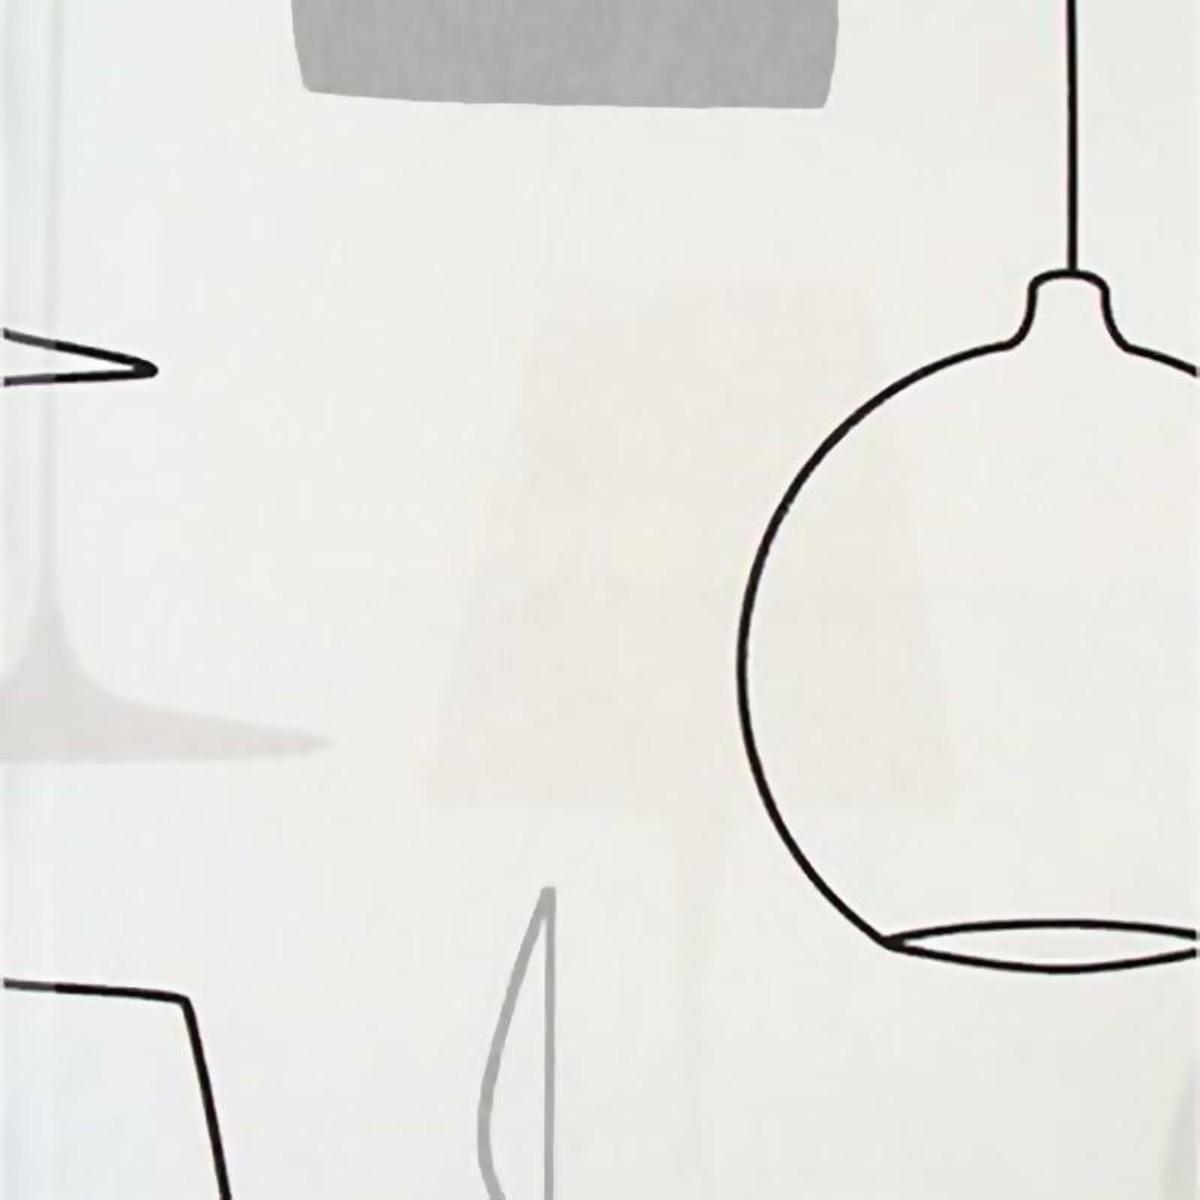 Обои флизелиновые Id-Art Lamps белые 0.53 м 7340-2